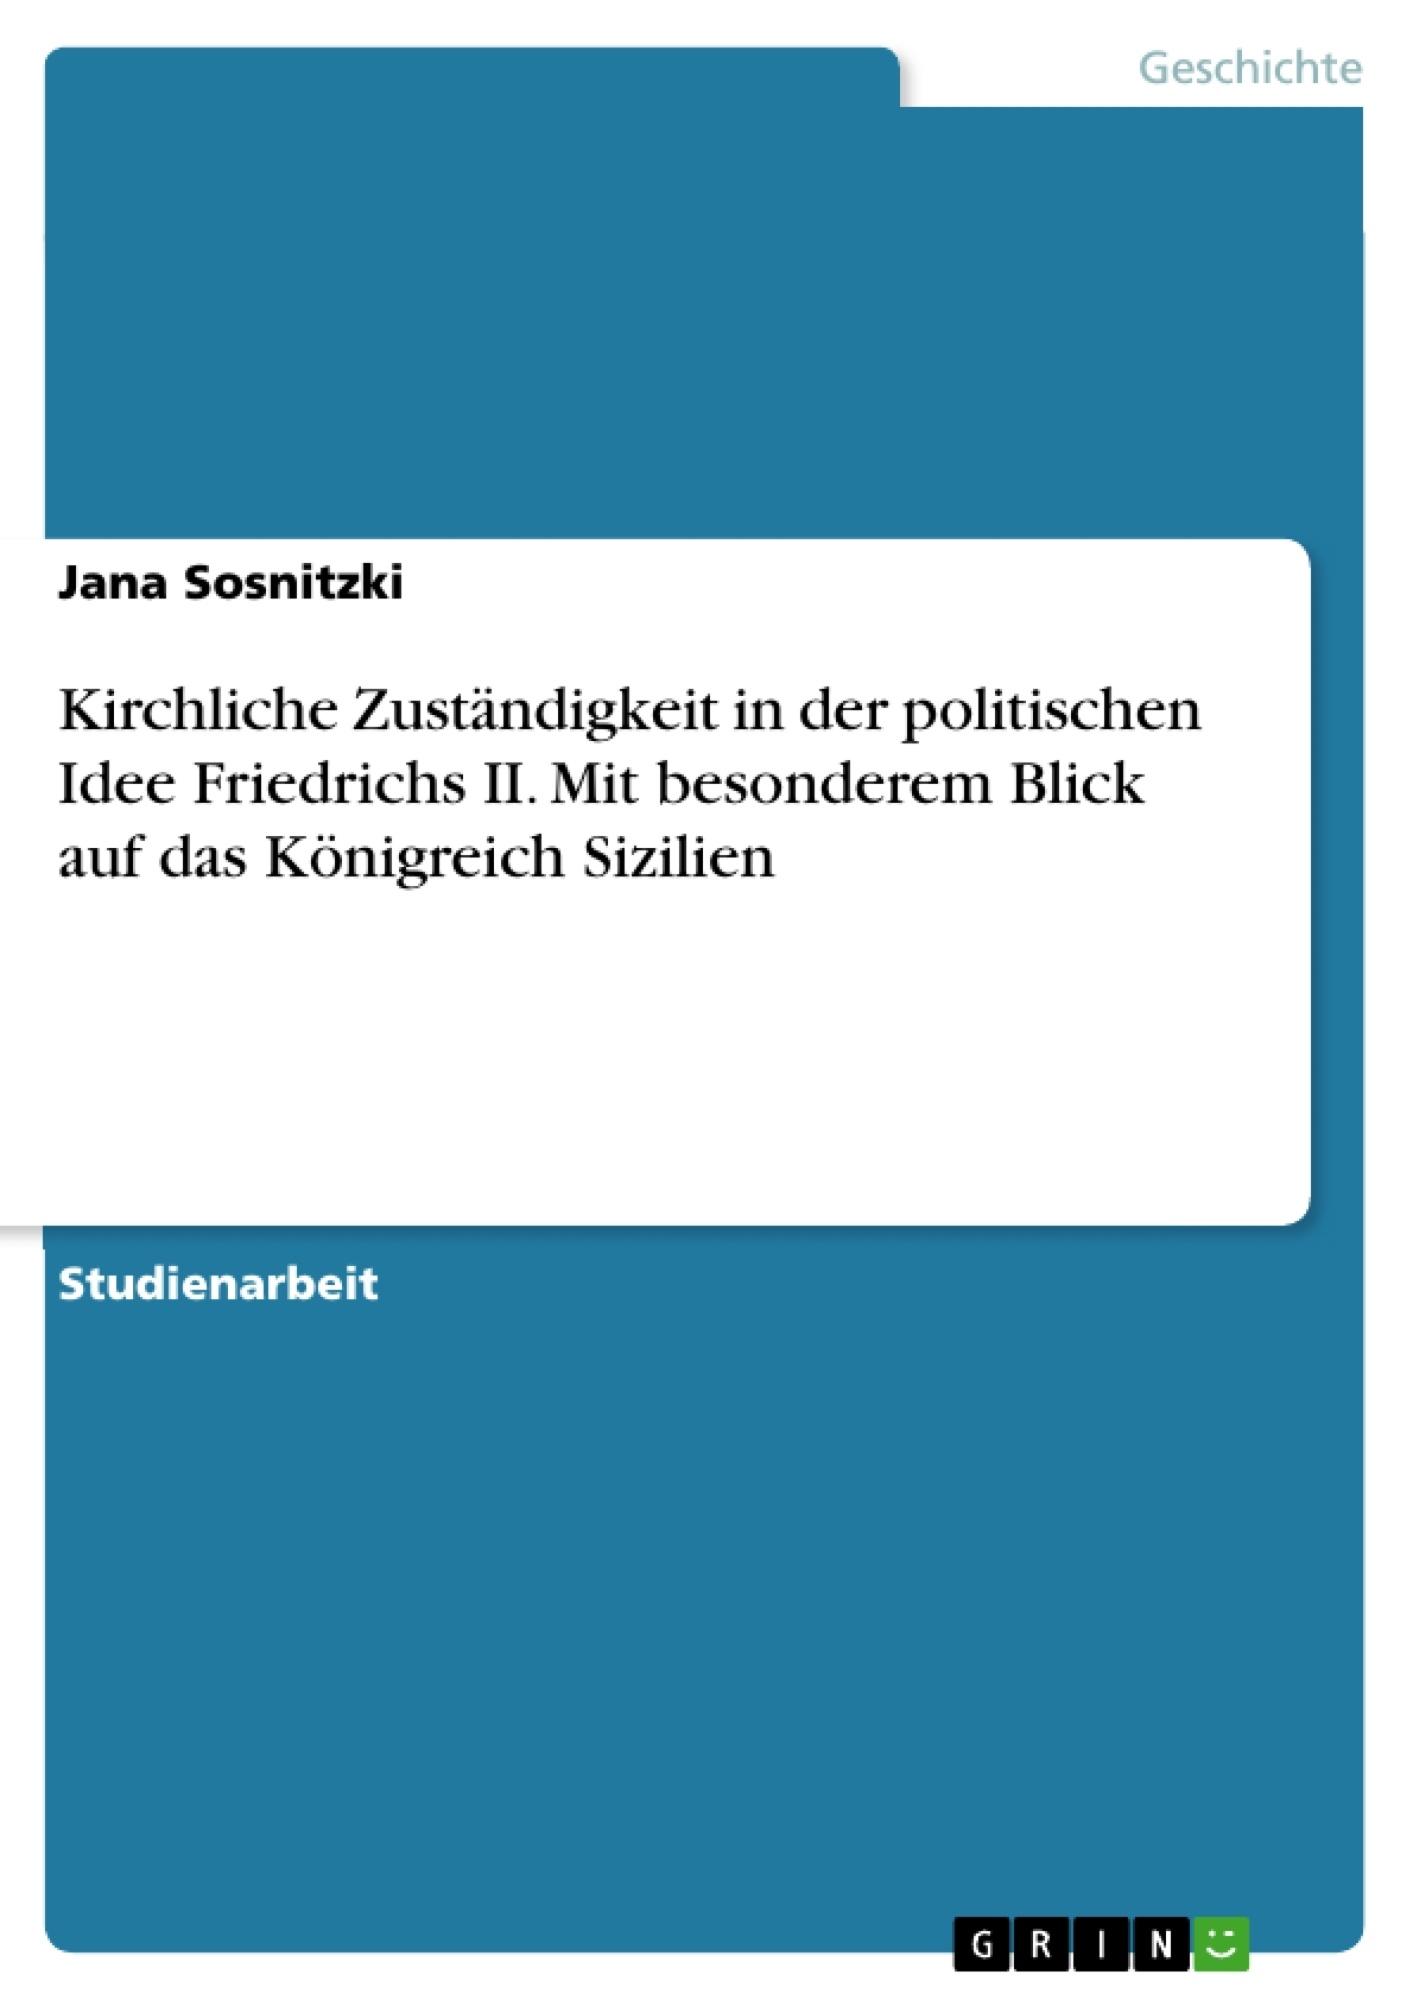 Titel: Kirchliche Zuständigkeit in der politischen Idee Friedrichs II. Mit besonderem Blick auf das Königreich Sizilien